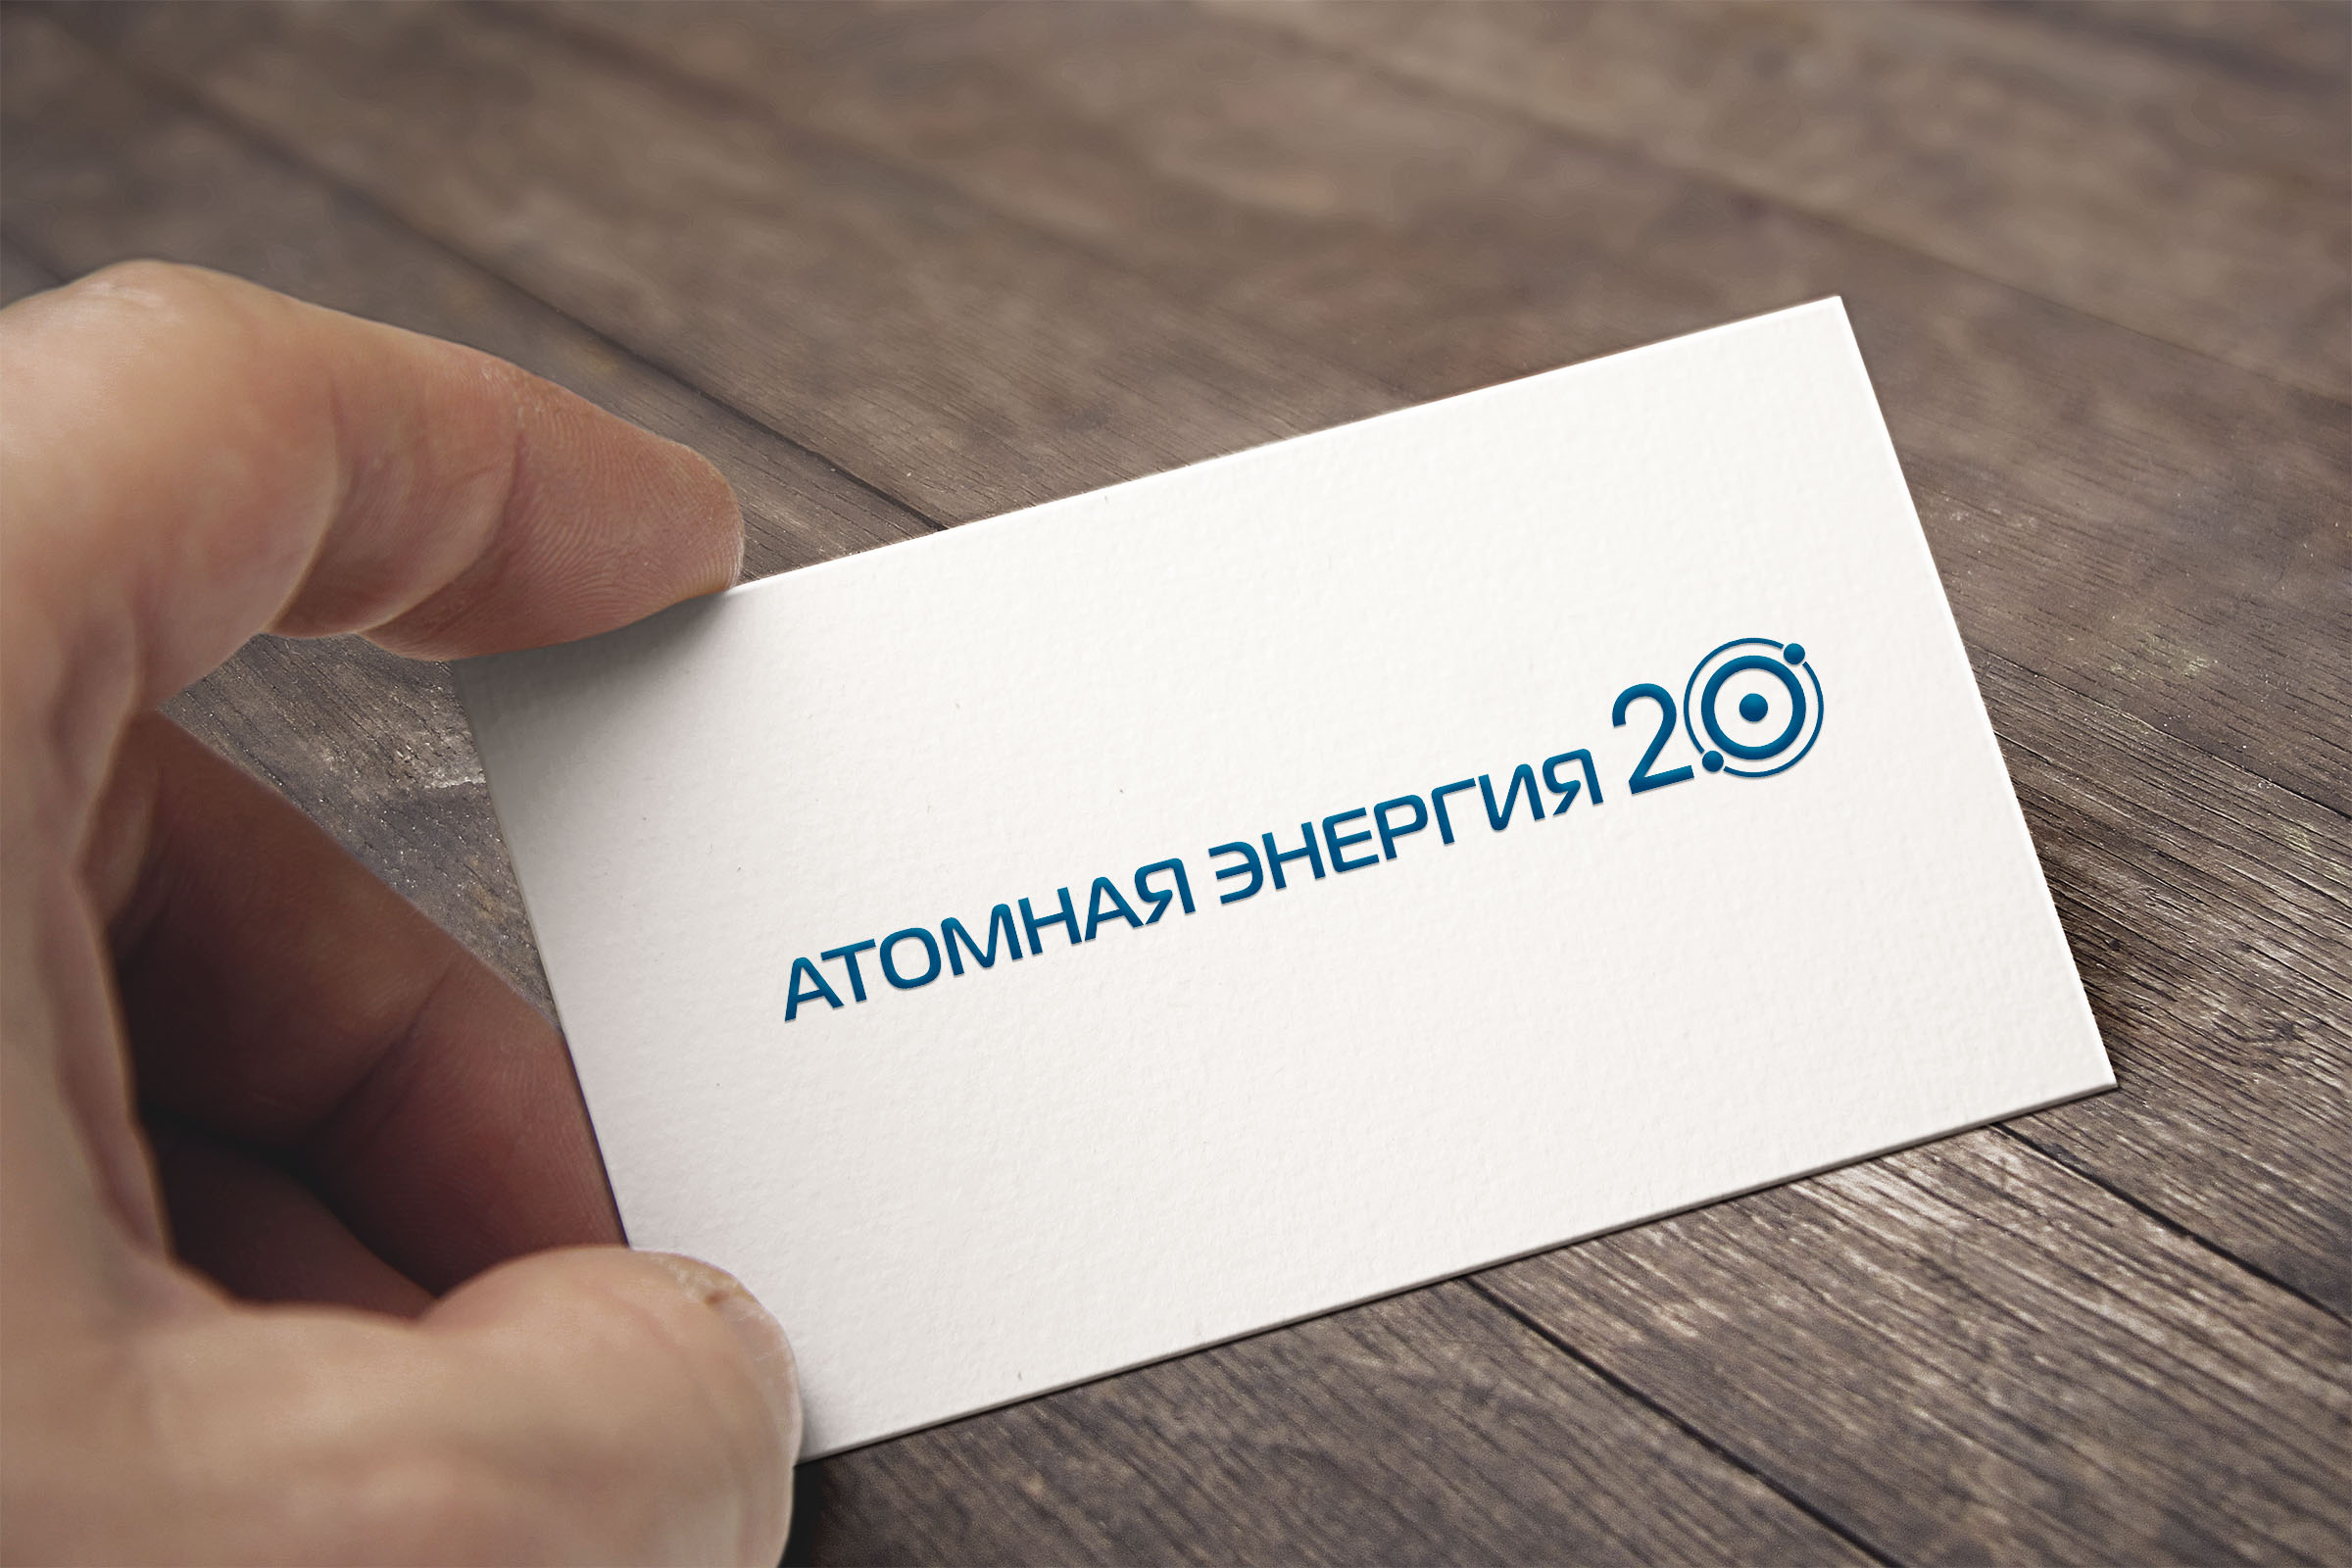 """Фирменный стиль для научного портала """"Атомная энергия 2.0"""" фото f_51659fc60db6b816.jpg"""